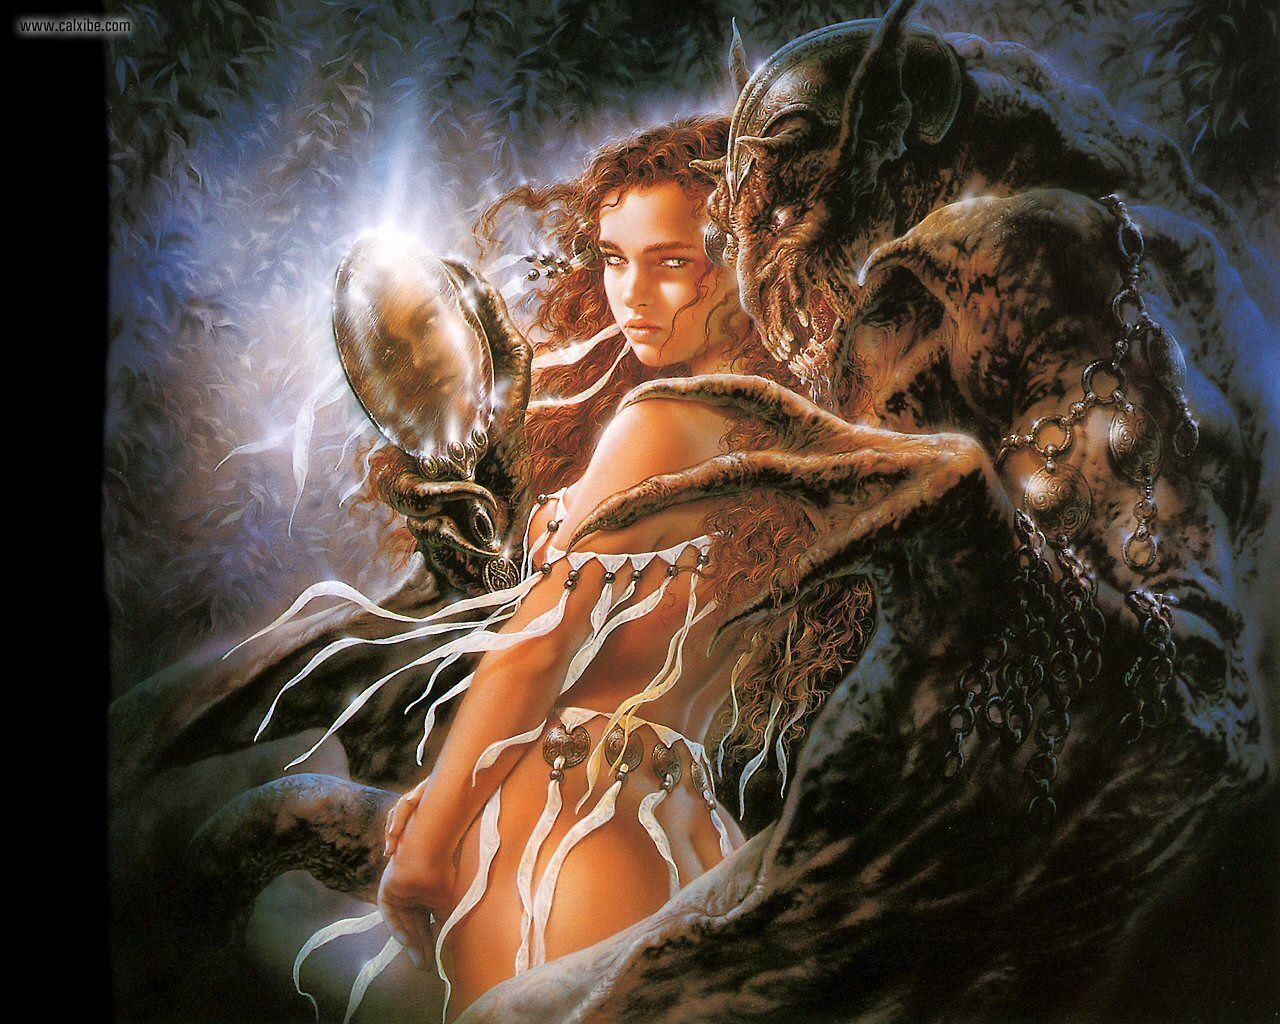 Чудовище ебет красотку, Красавица ебется с чудовищем и кончает 2 фотография